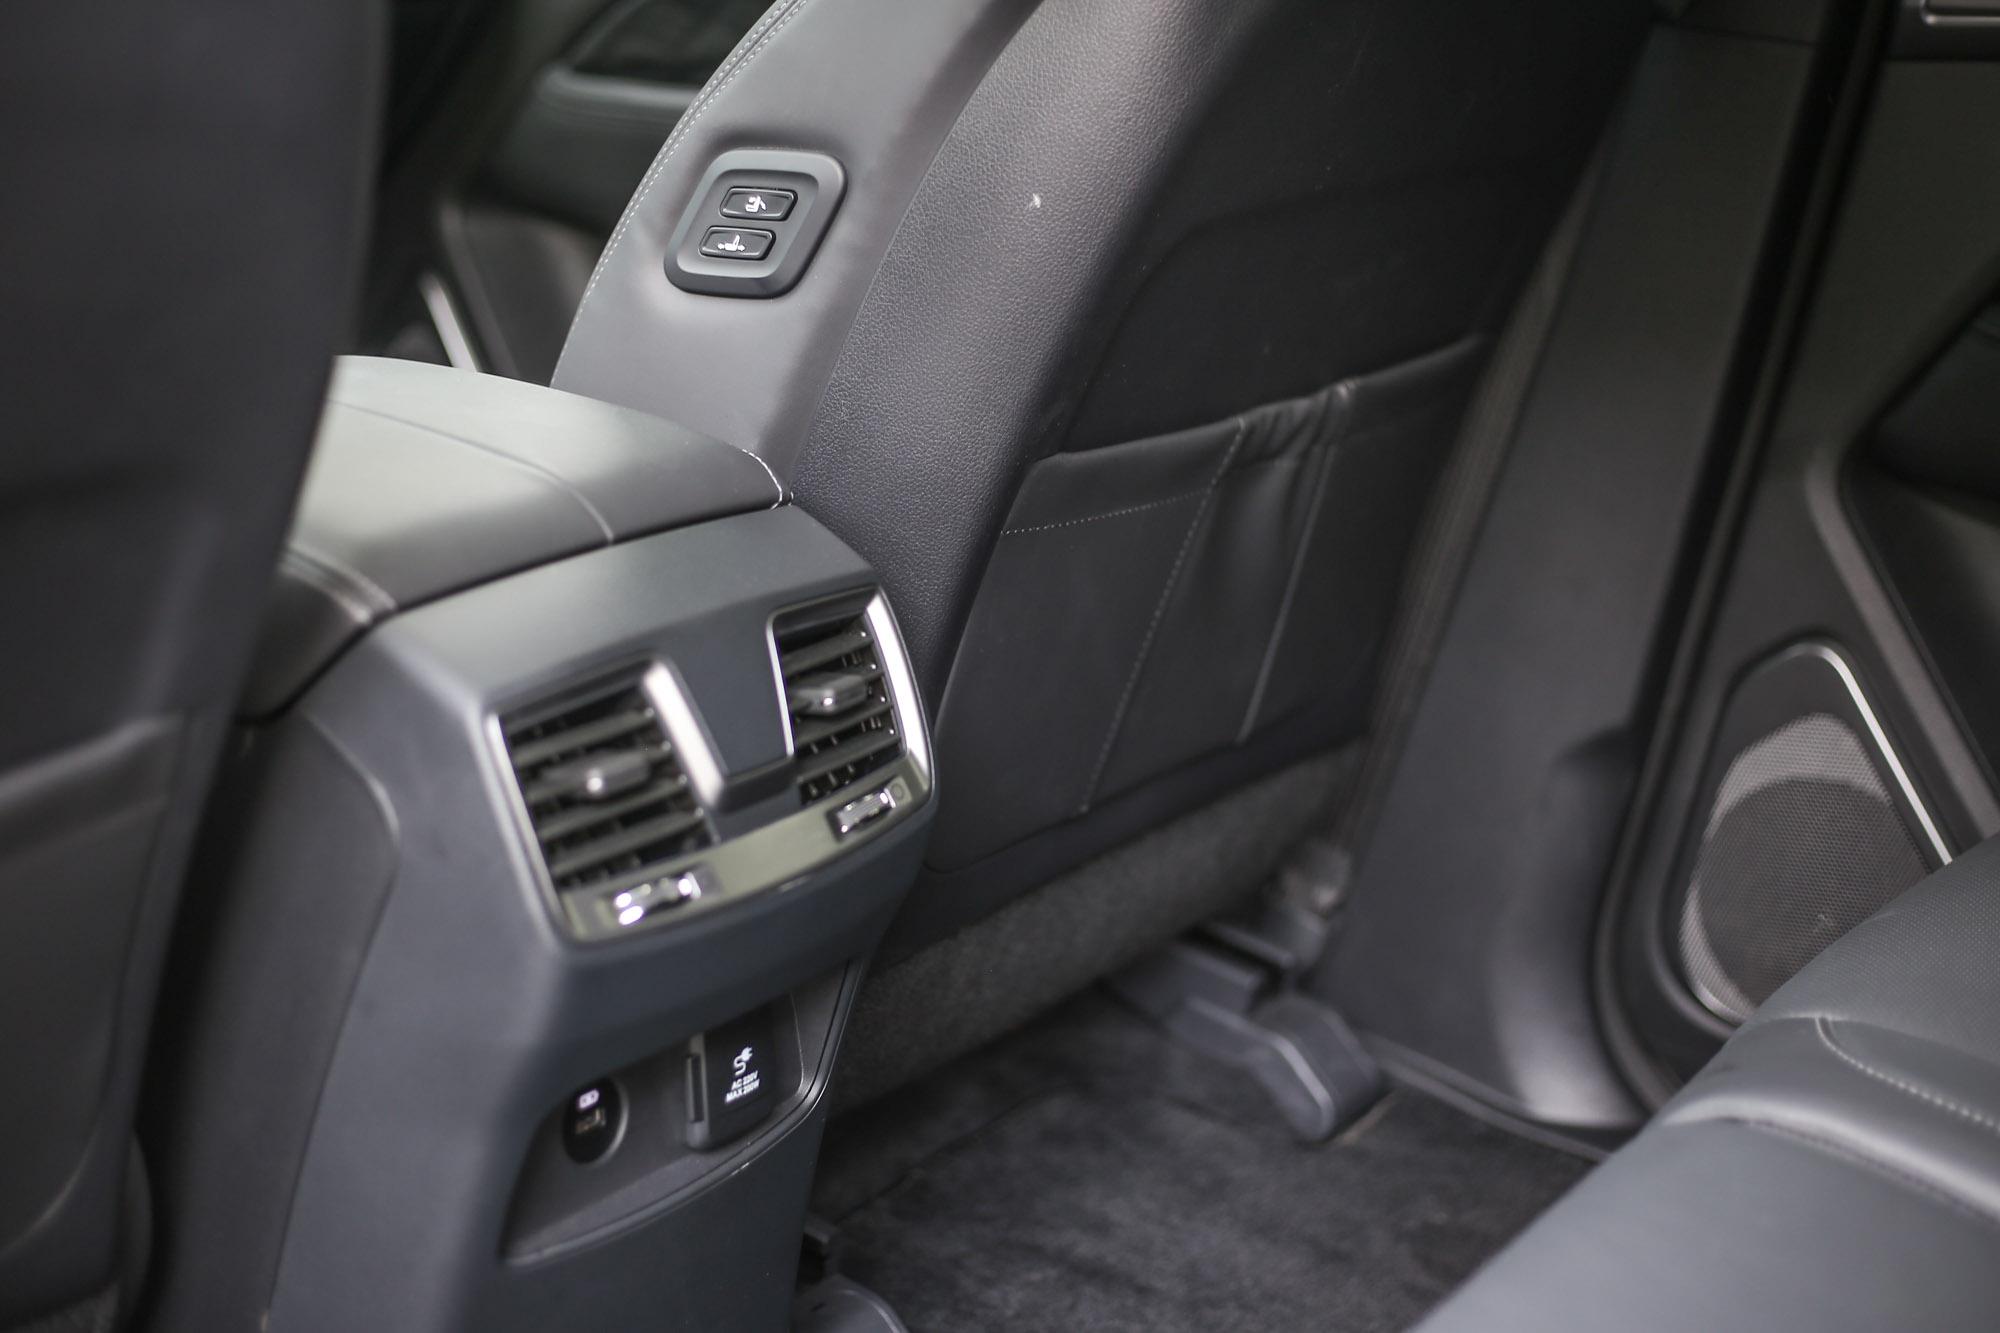 第二排配備有空調出風口,還可從後座調整前副駕駛座的位置。